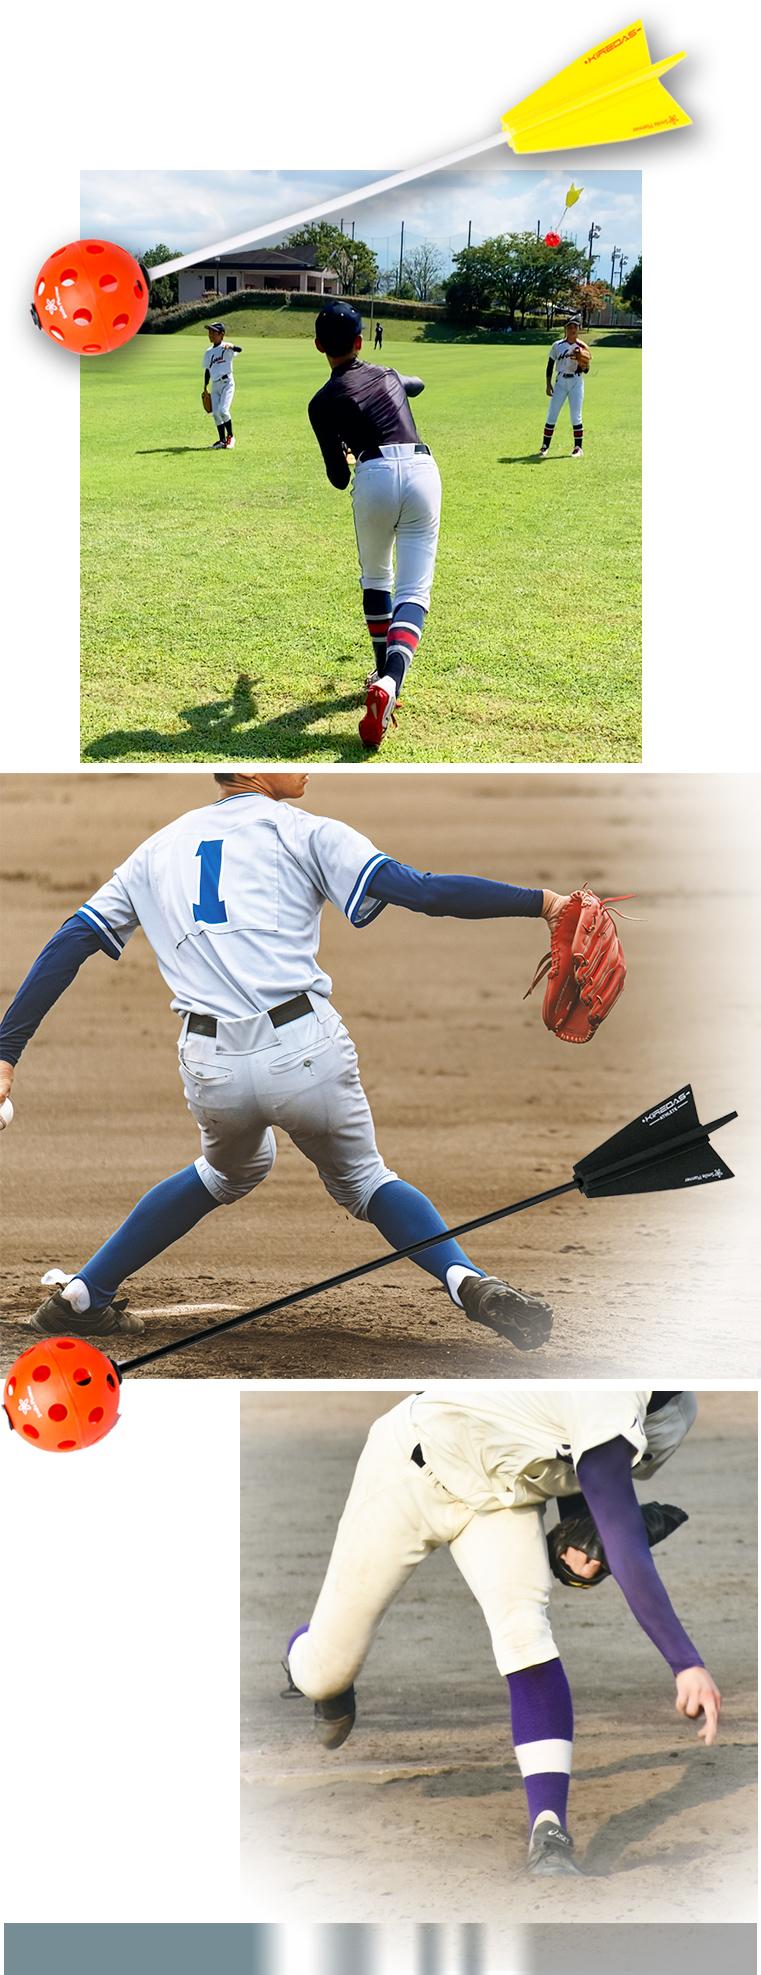 投げるという原点の楽しさを体験